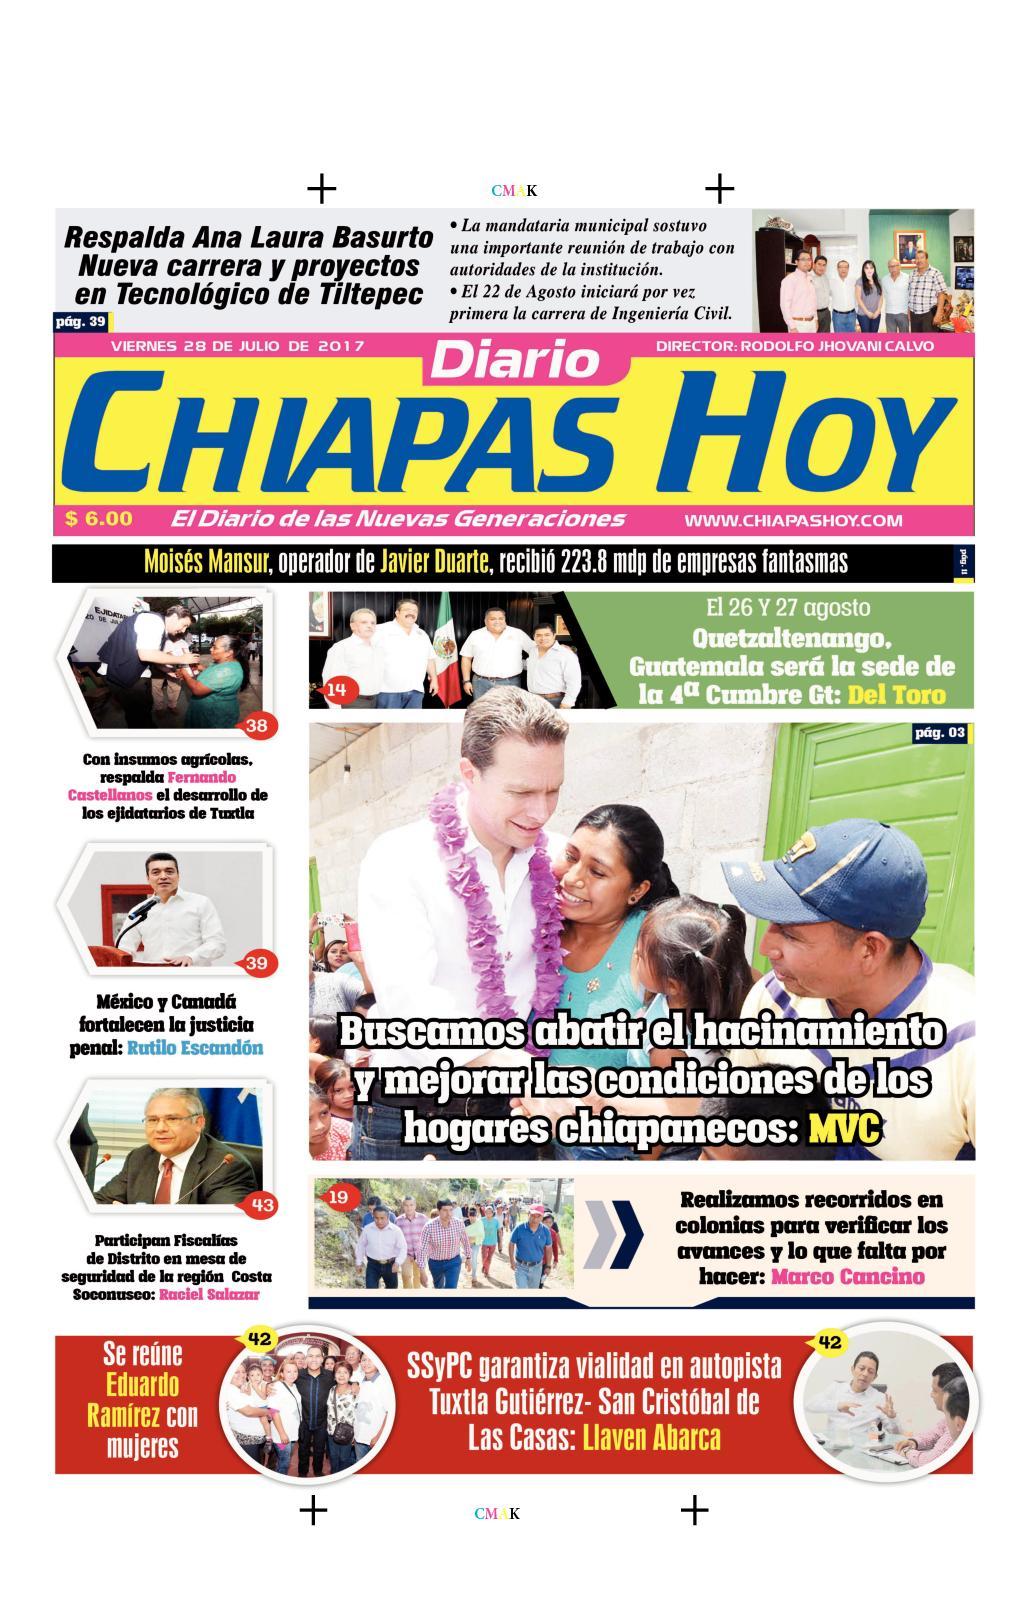 CHIAPAS HOY 28 DE JULIO